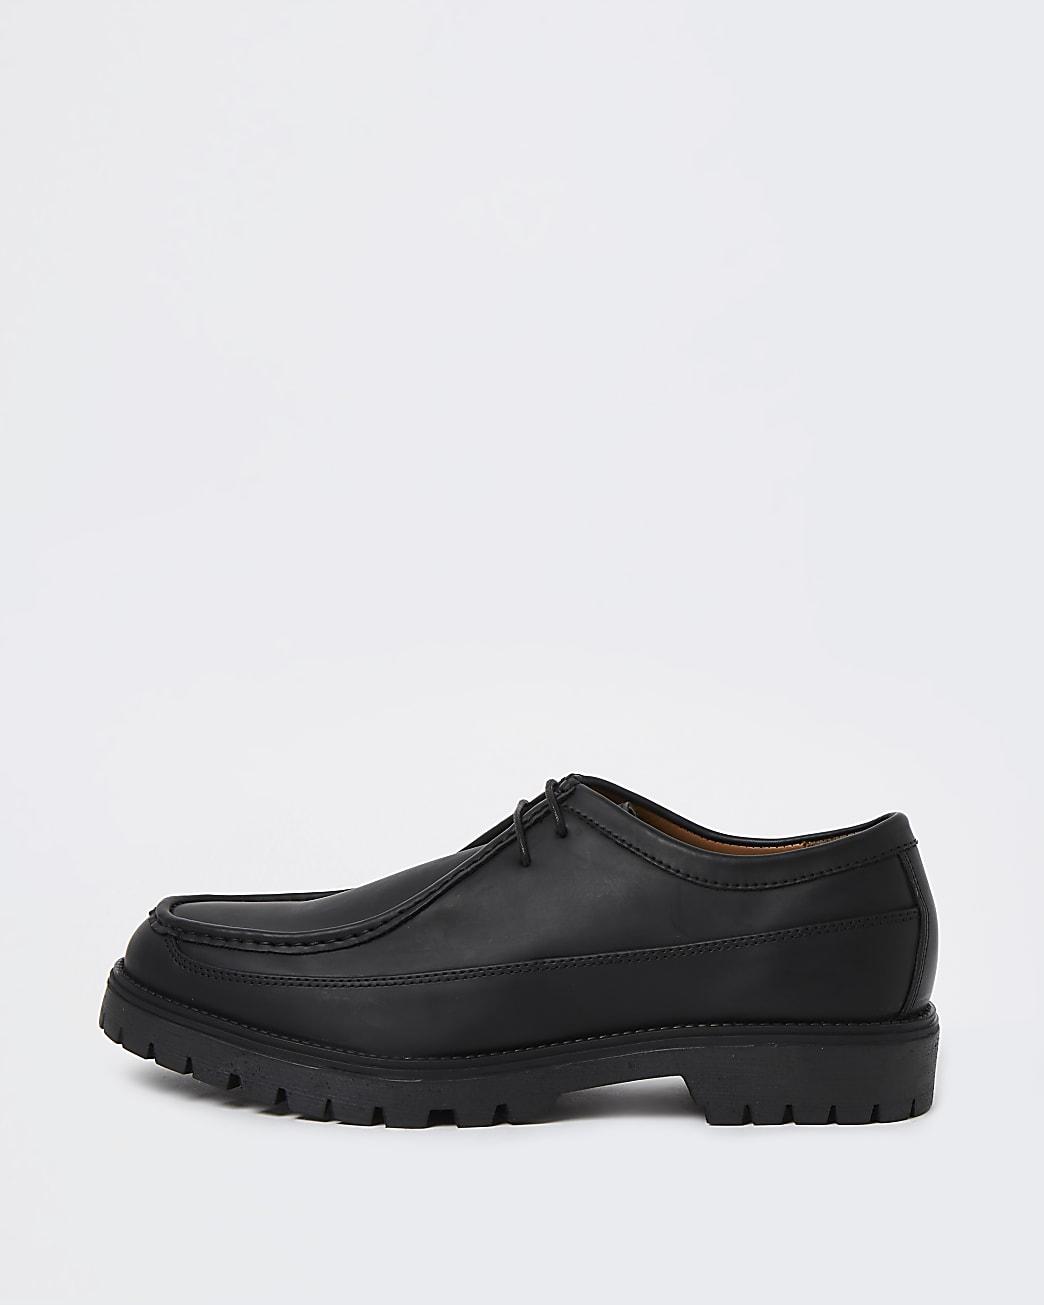 Black stitch detail lace up shoes